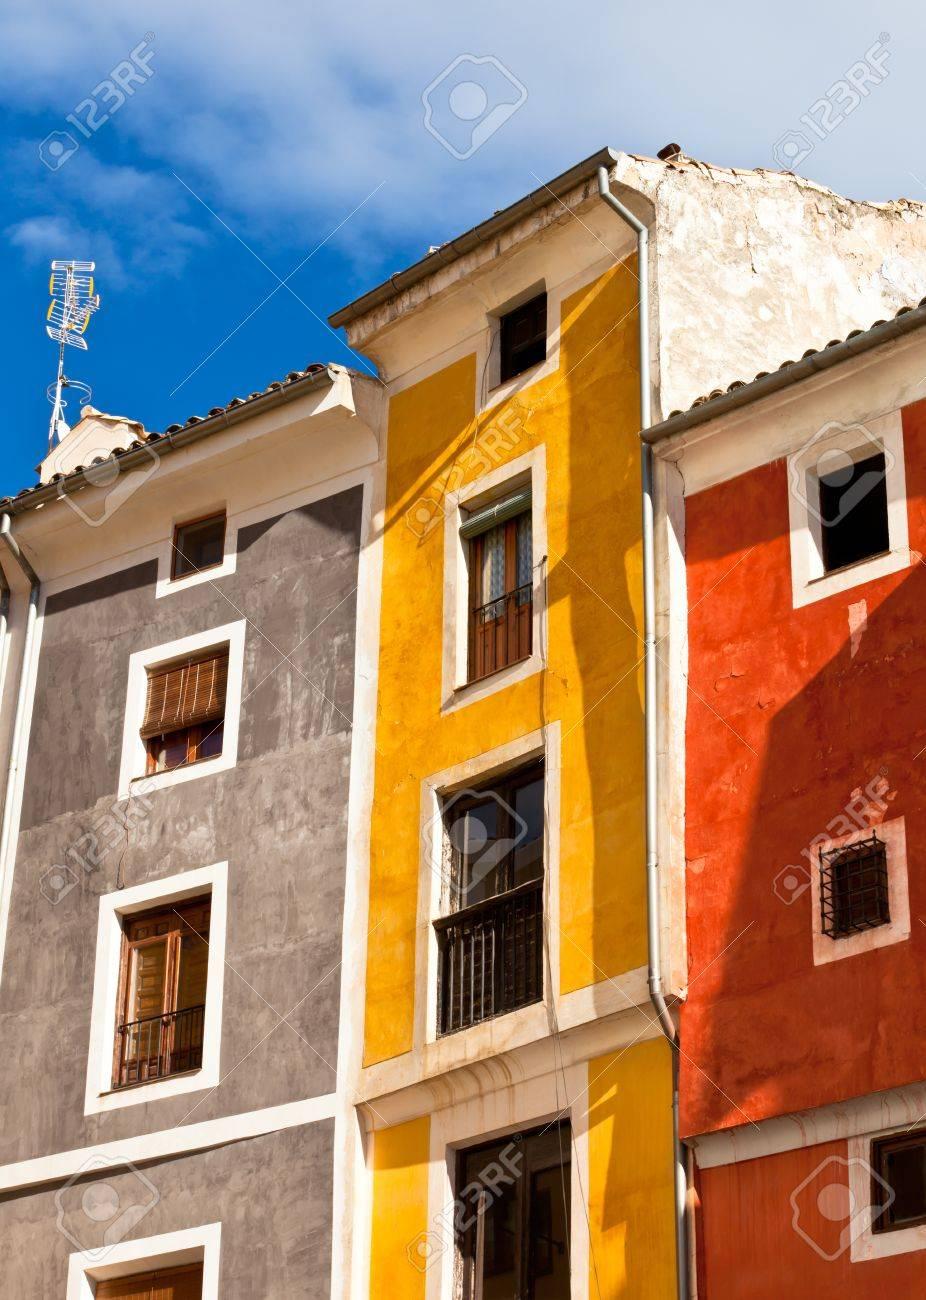 Facades De Maisons En Couleurs vieilles maisons de couleurs façades à cuenca, espagne centrale